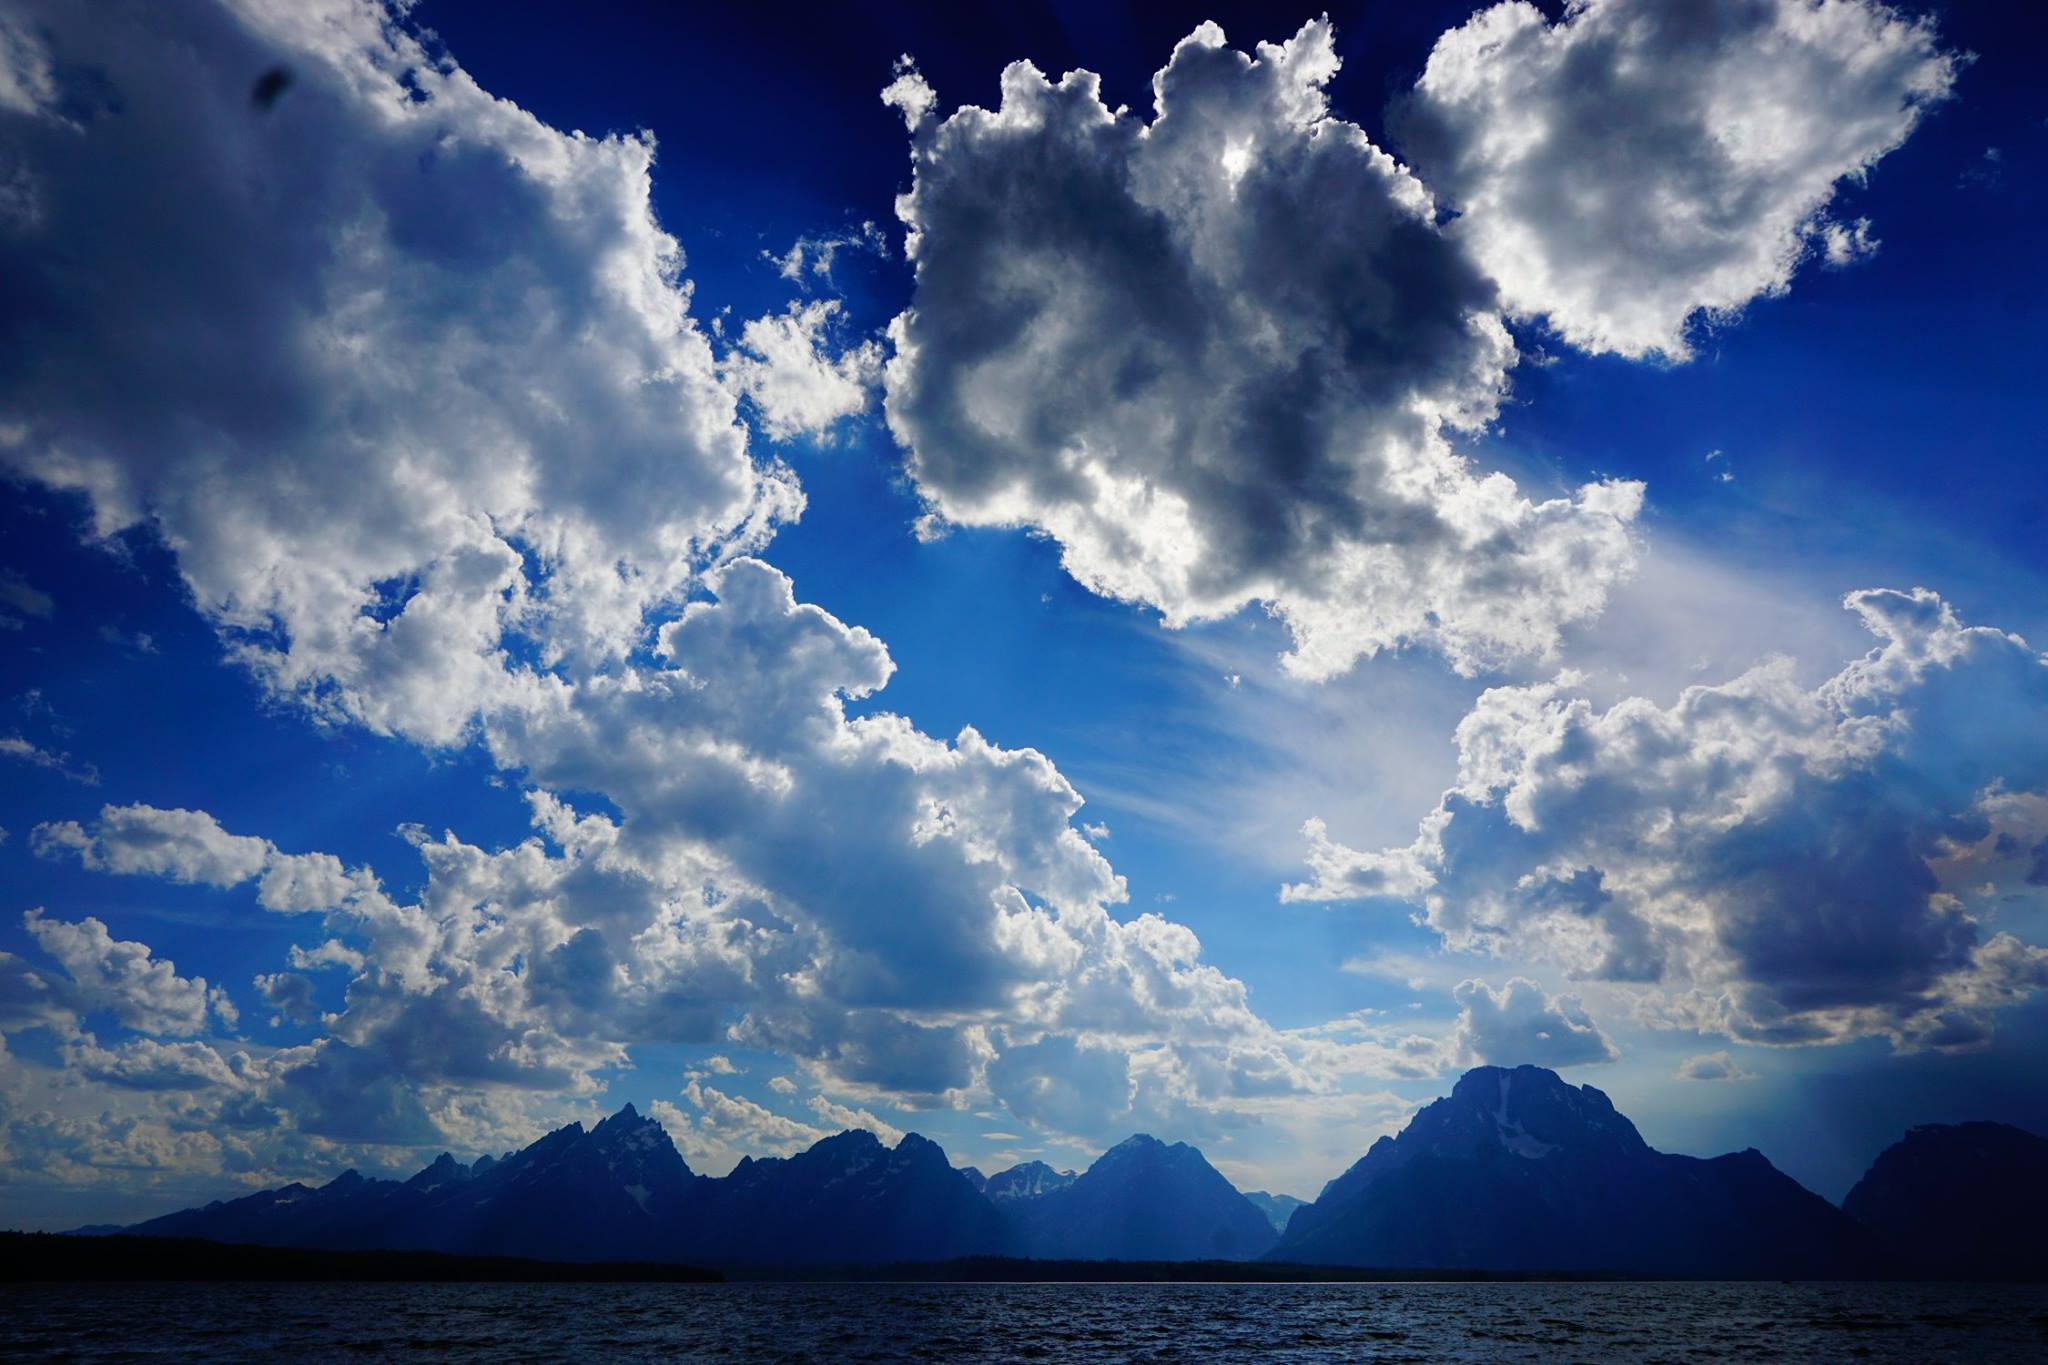 clouds matthew wahlquist.jpg